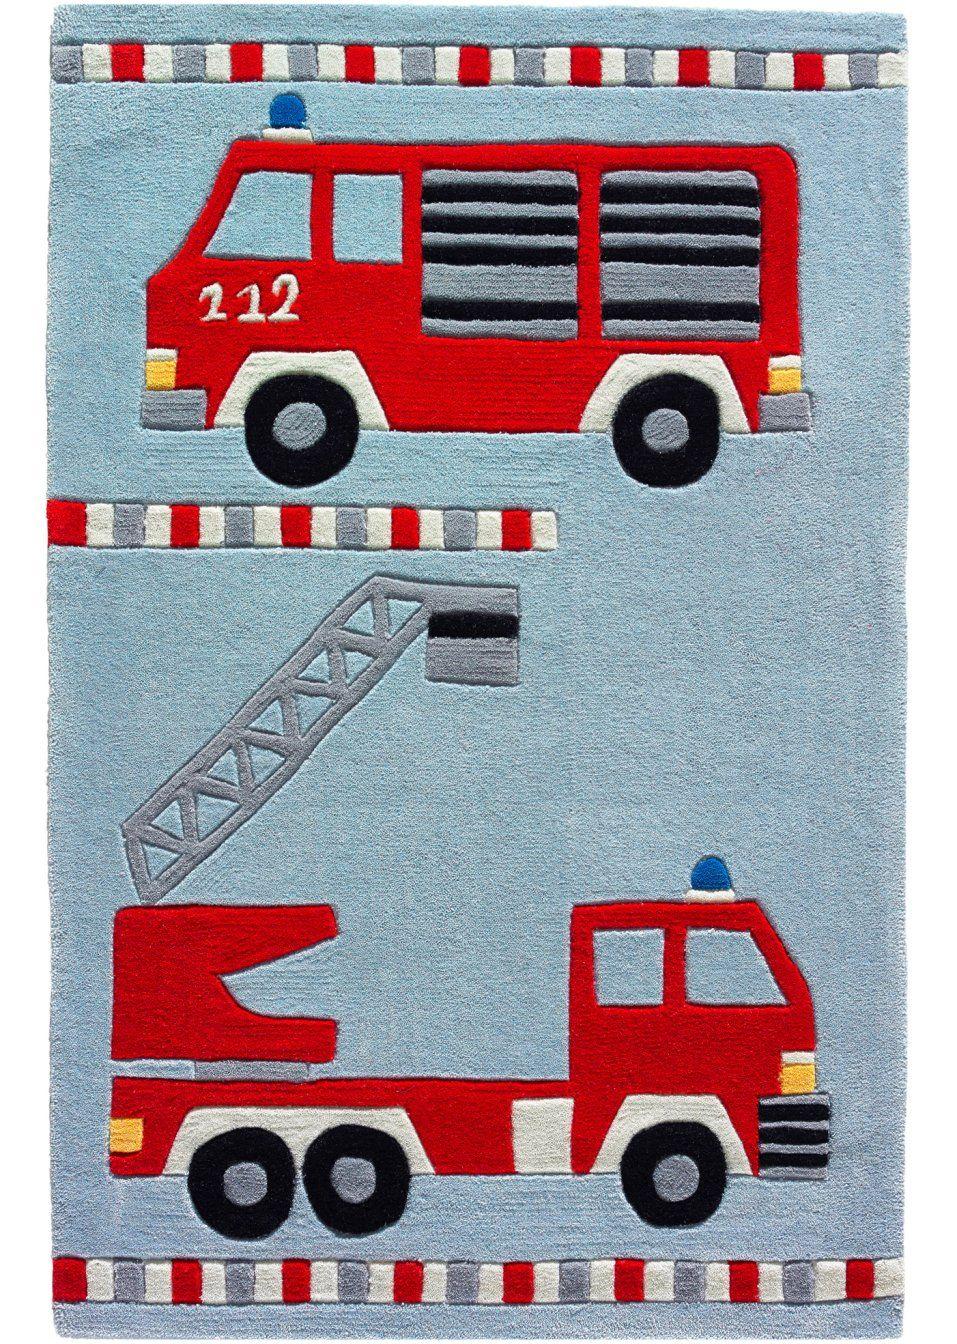 Jetzt Anschauen: Hochwertiger Handtuft Teppich Mit verwandt mit Feuerwehr Motive